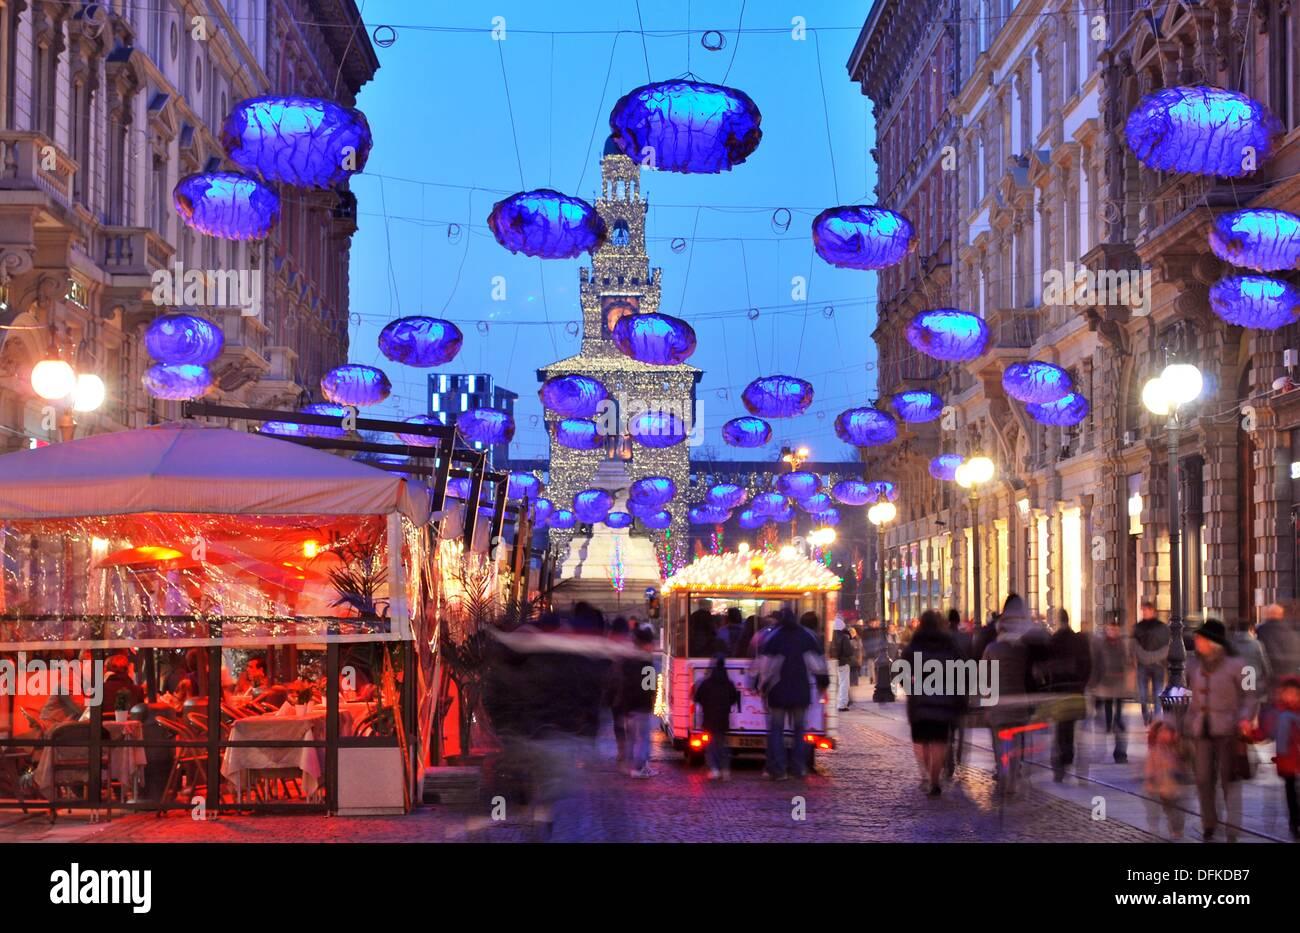 Italy Milan Christmas Decorations Castello Sforzesco In